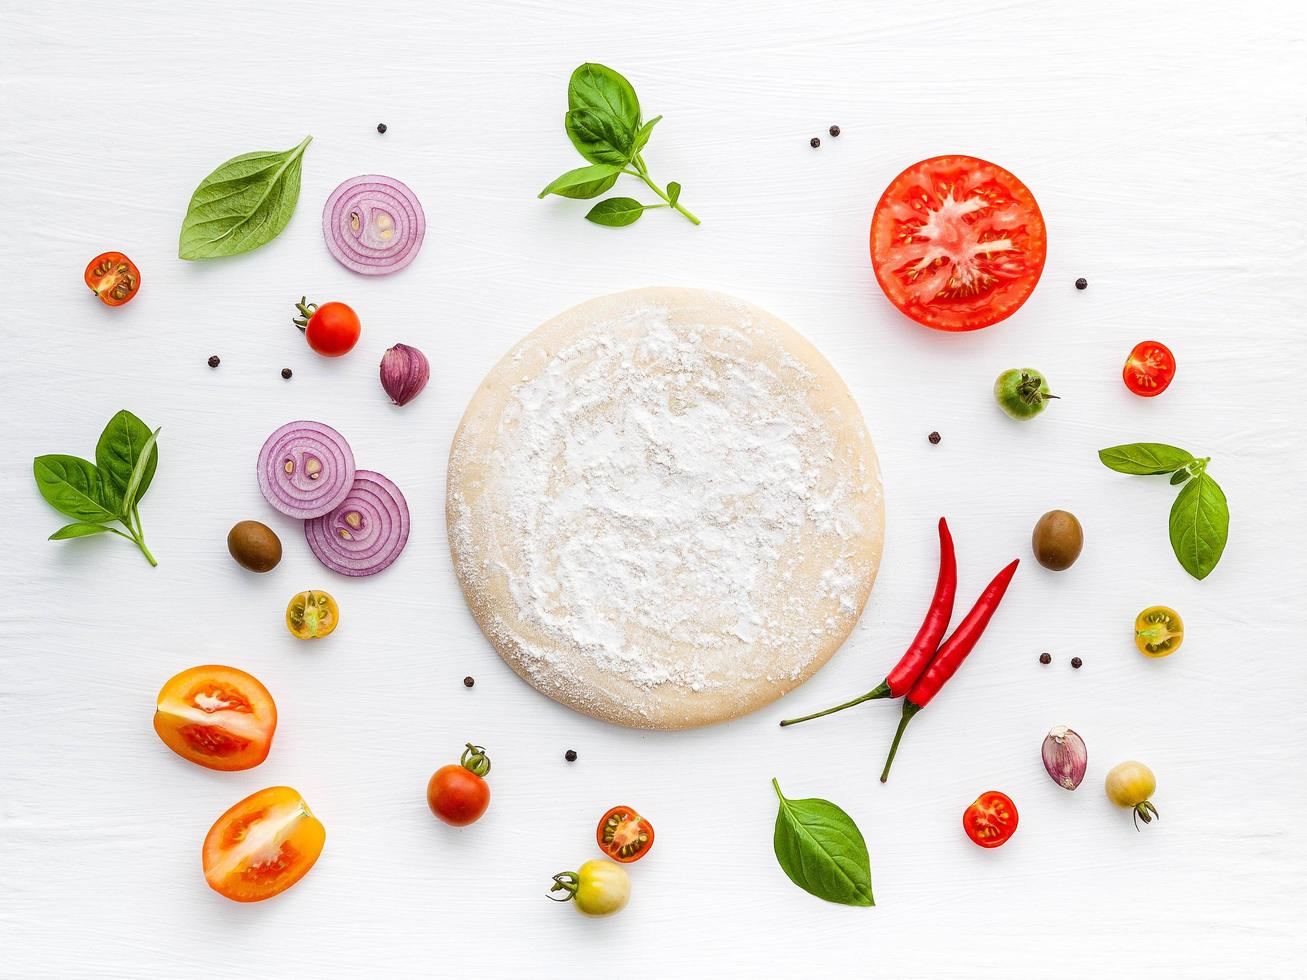 verse pizza-ingrediënten geïsoleerd foto